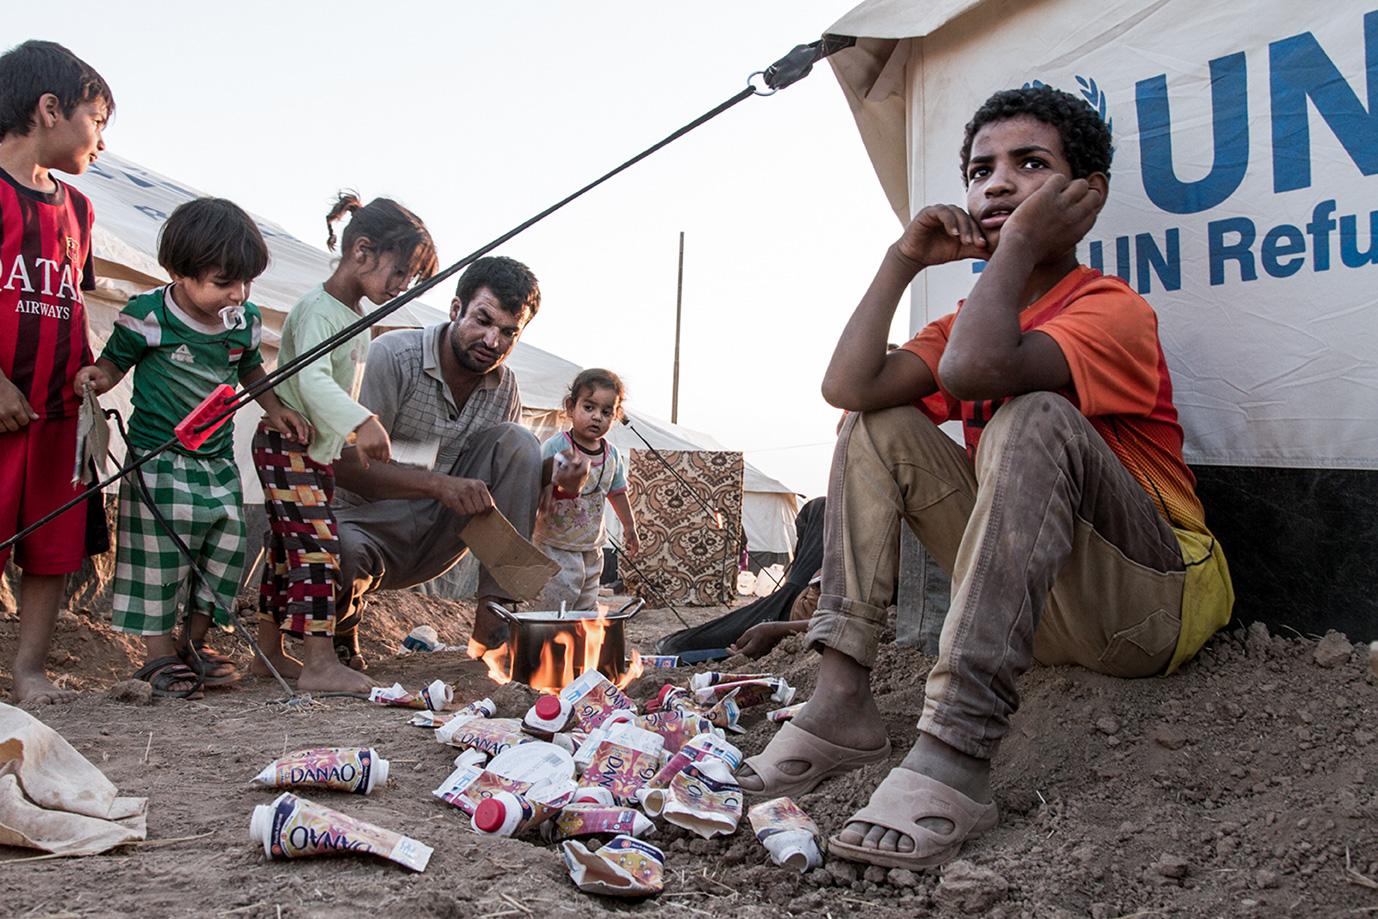 06_refugees-tent-boy-fire-cooking-litter-food